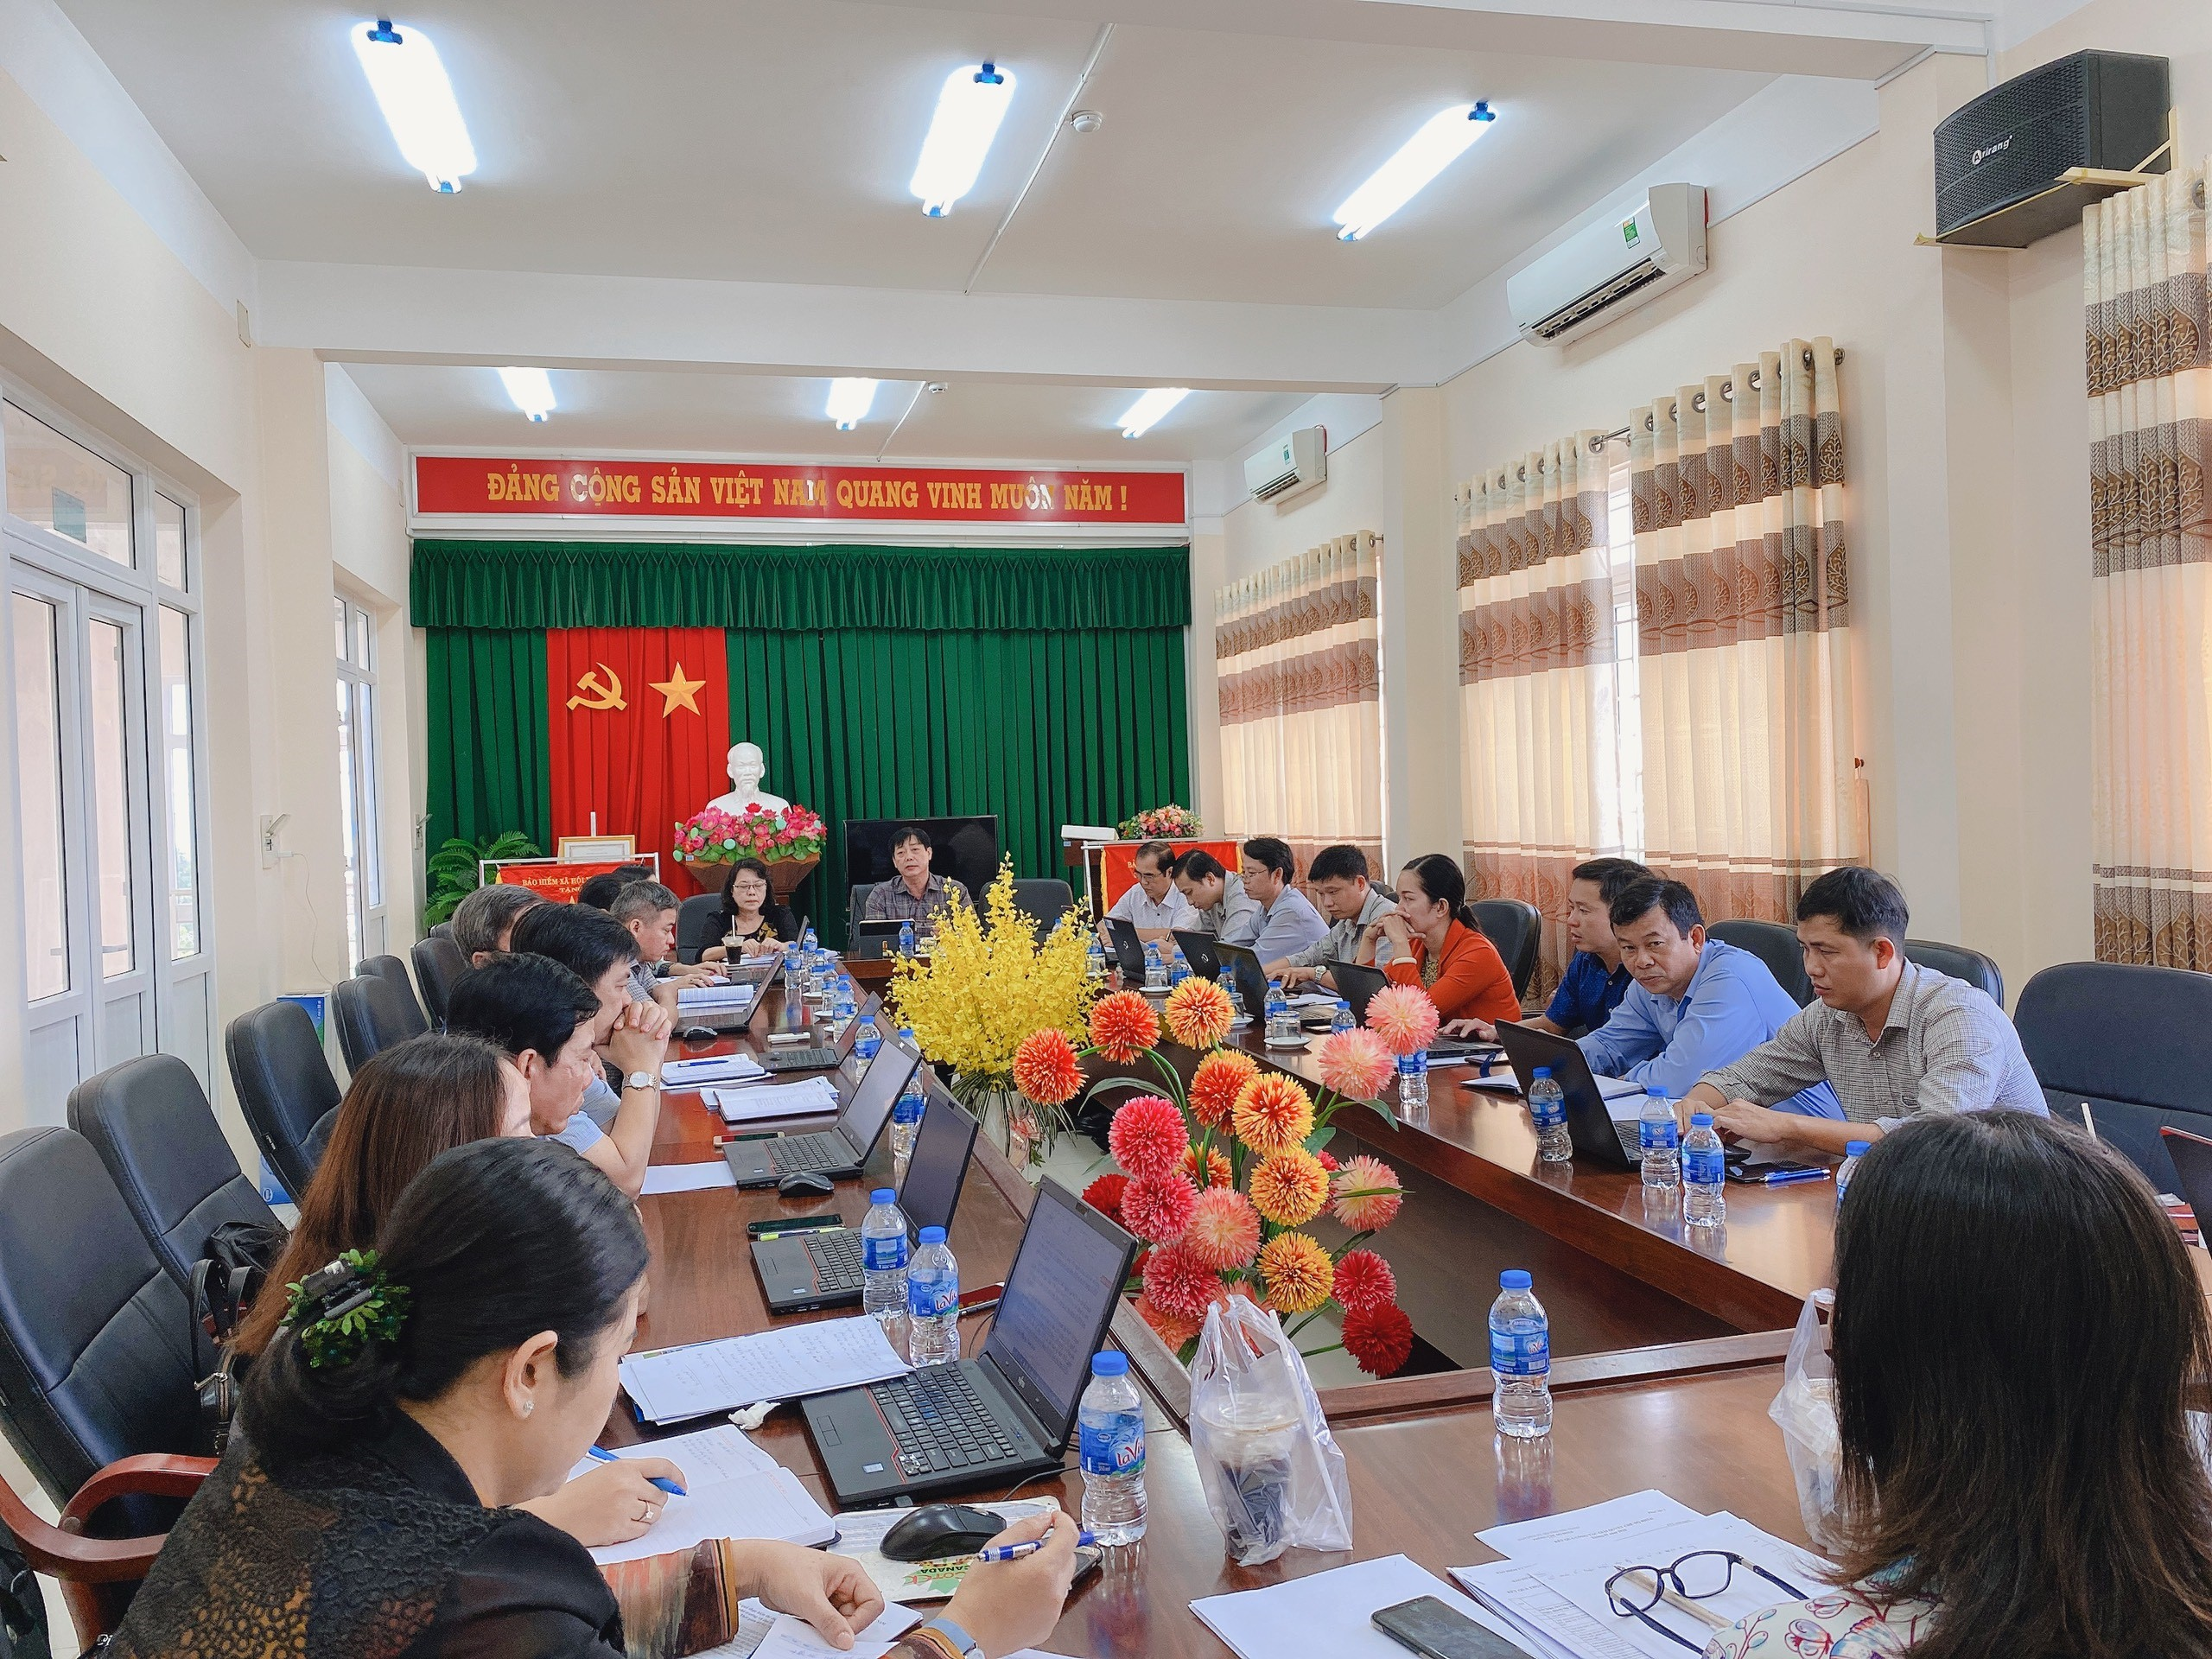 BHXH tỉnh Hậu Giang Giao ban công tác tháng 2 và triển khai nhiệm vụ công tác tháng 3 năm 2020